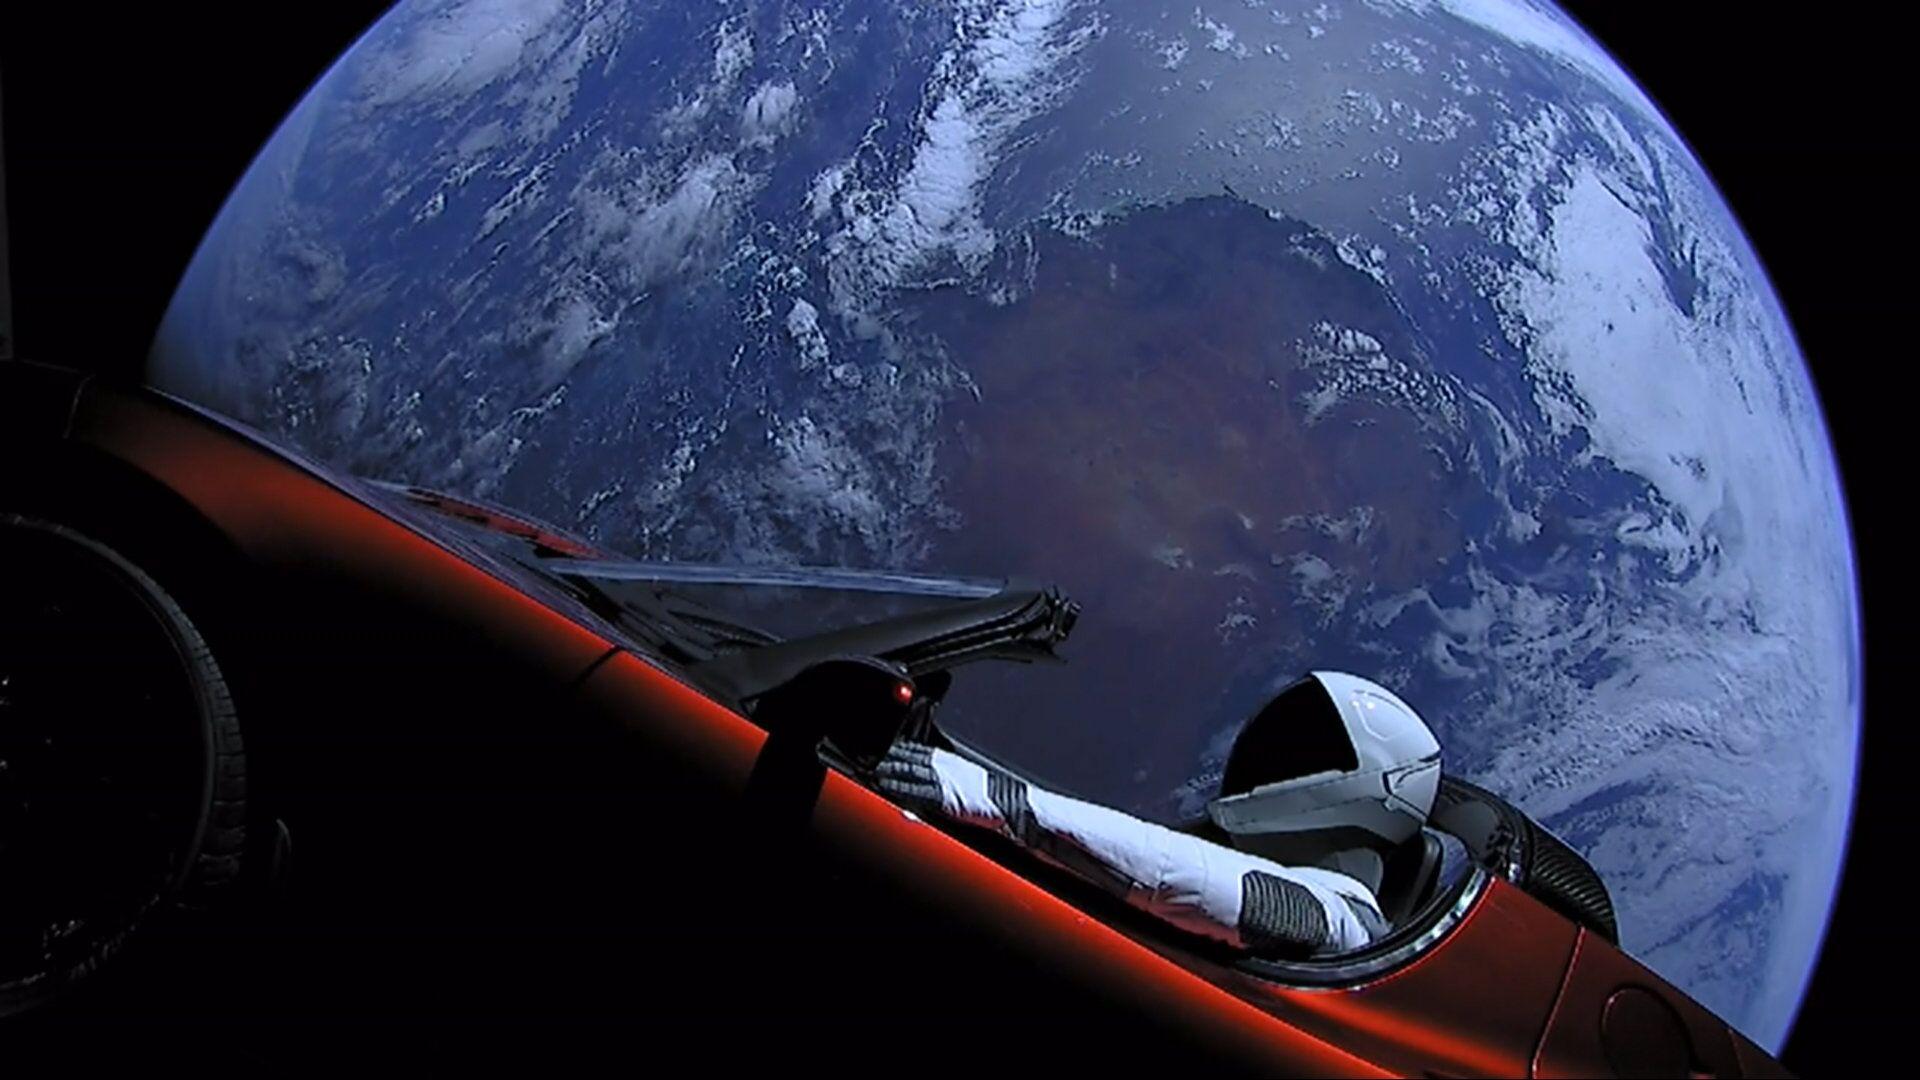 Личный автомобиль главы SpaceX Илона Маска красный кабриолет Tesla Roadster, выведенный на орбиту ракето-носителем Falcon Heavy американской компании SpaceX, с манекеном в скафандре за рулем в космическом пространстве - РИА Новости, 1920, 21.08.2020